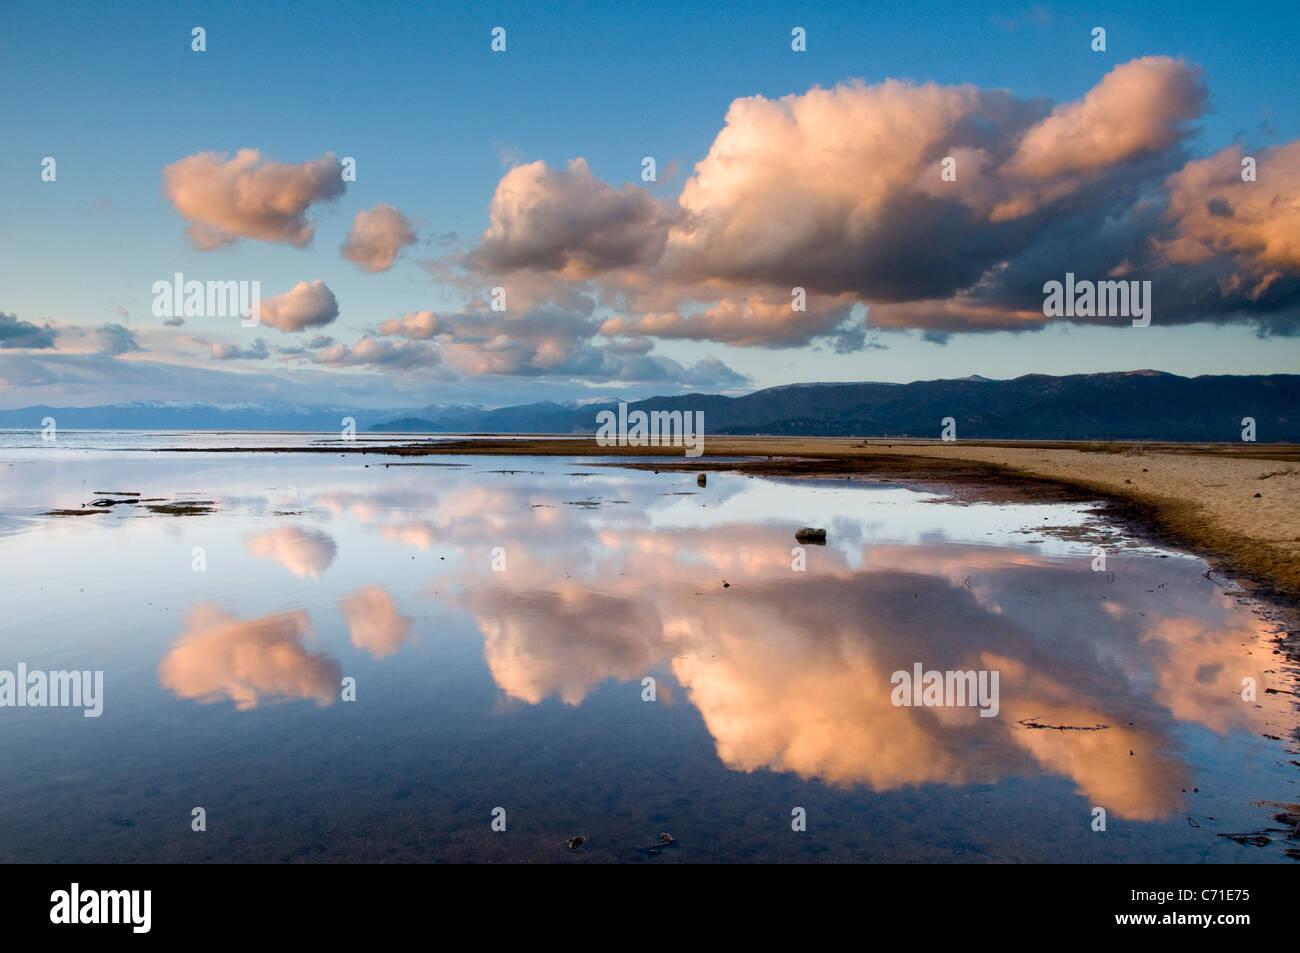 De gros nuages se reflétant dans le lac Tahoe en fin d'après-midi, la lumière de la Californie. Photo Stock